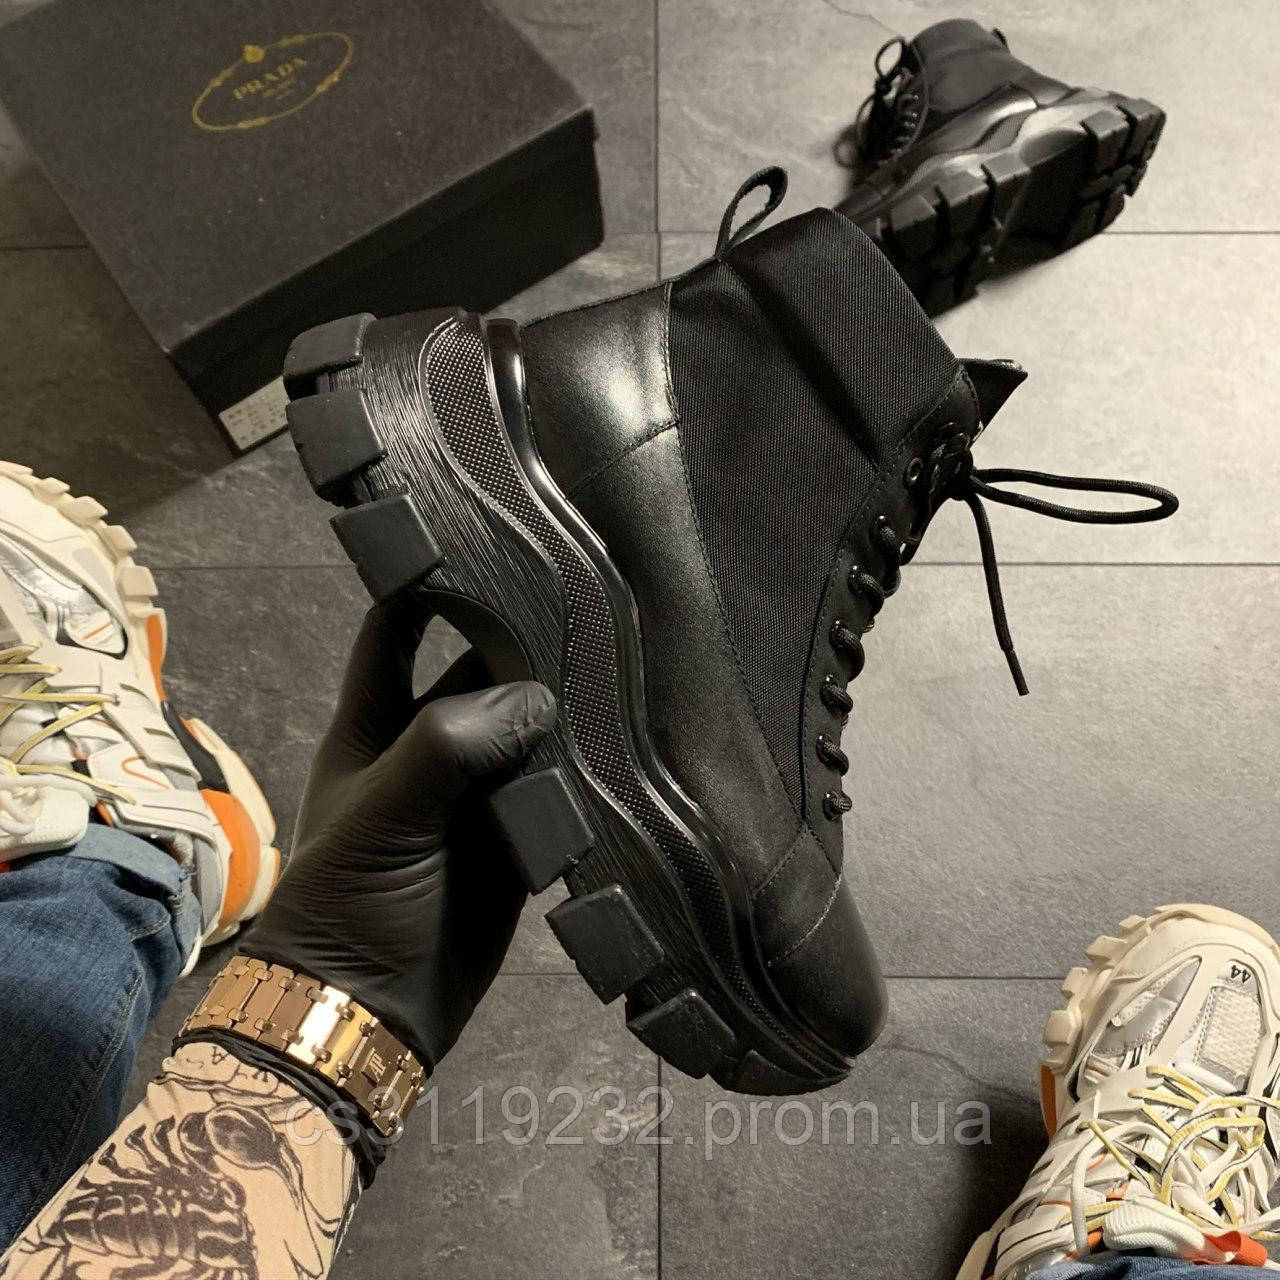 Мужские кроссовки Prada Black Milano Sneakers Block (черные)